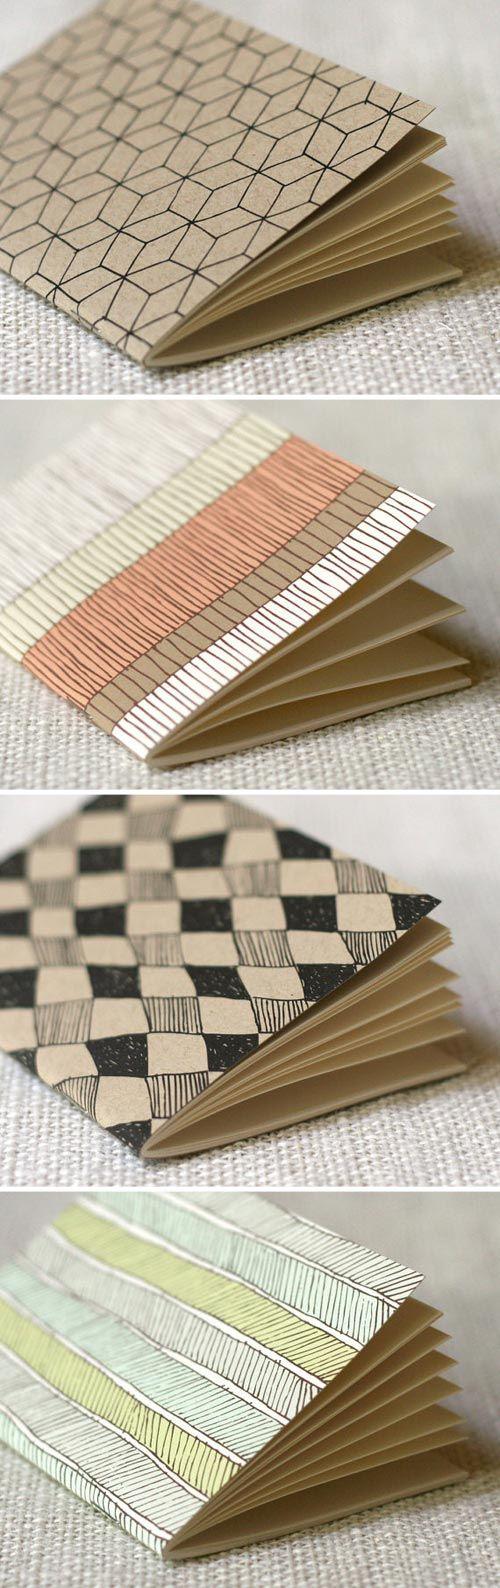 note/sketchbooks